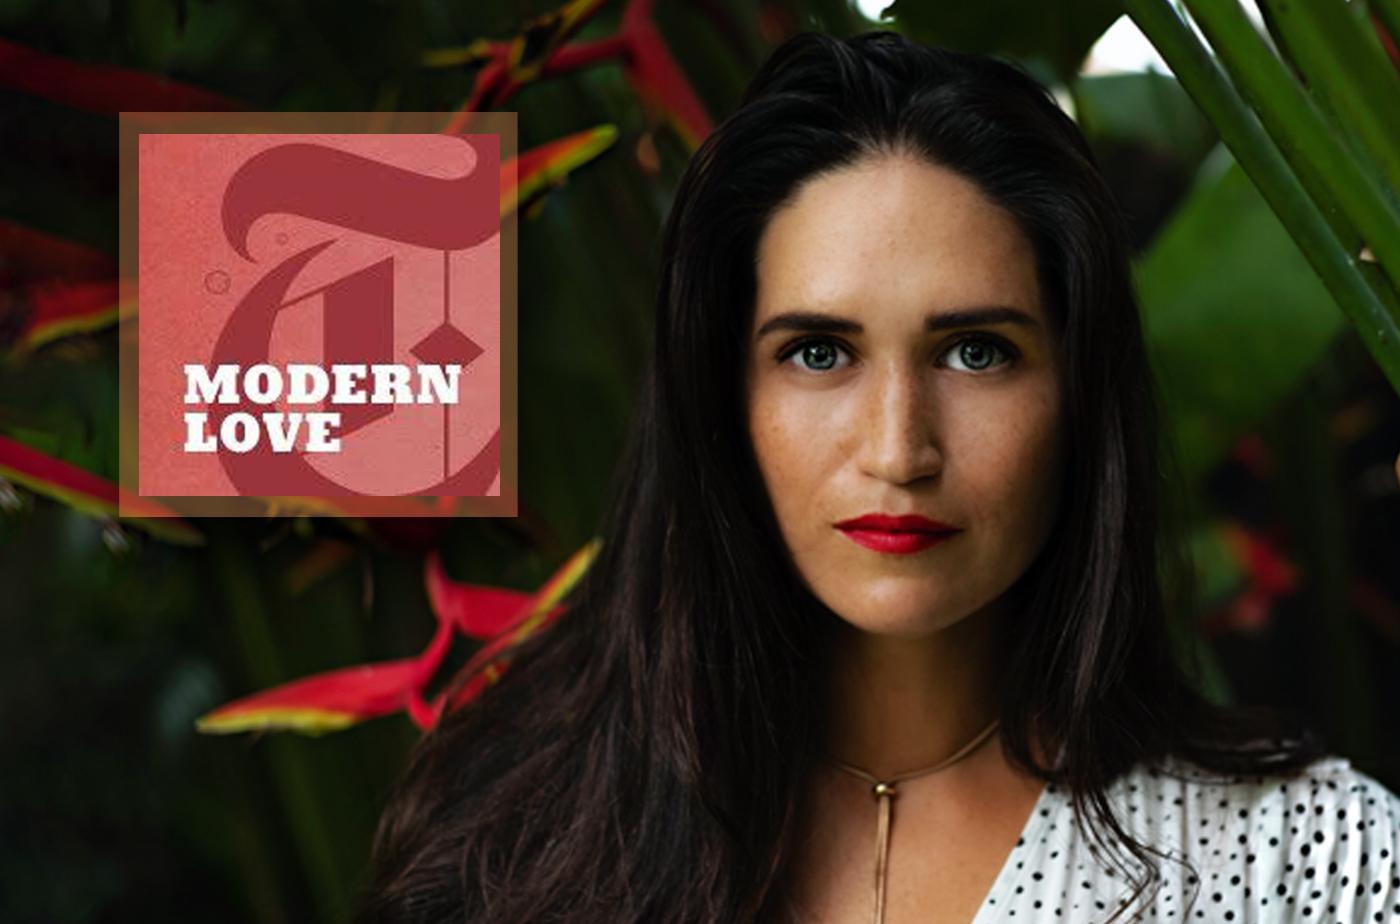 Catapult online classes: Jessica Ciencin Henriquez, 4-Week Online Nonfiction Intensive: Making Modern Love, Nonfiction, Intensive